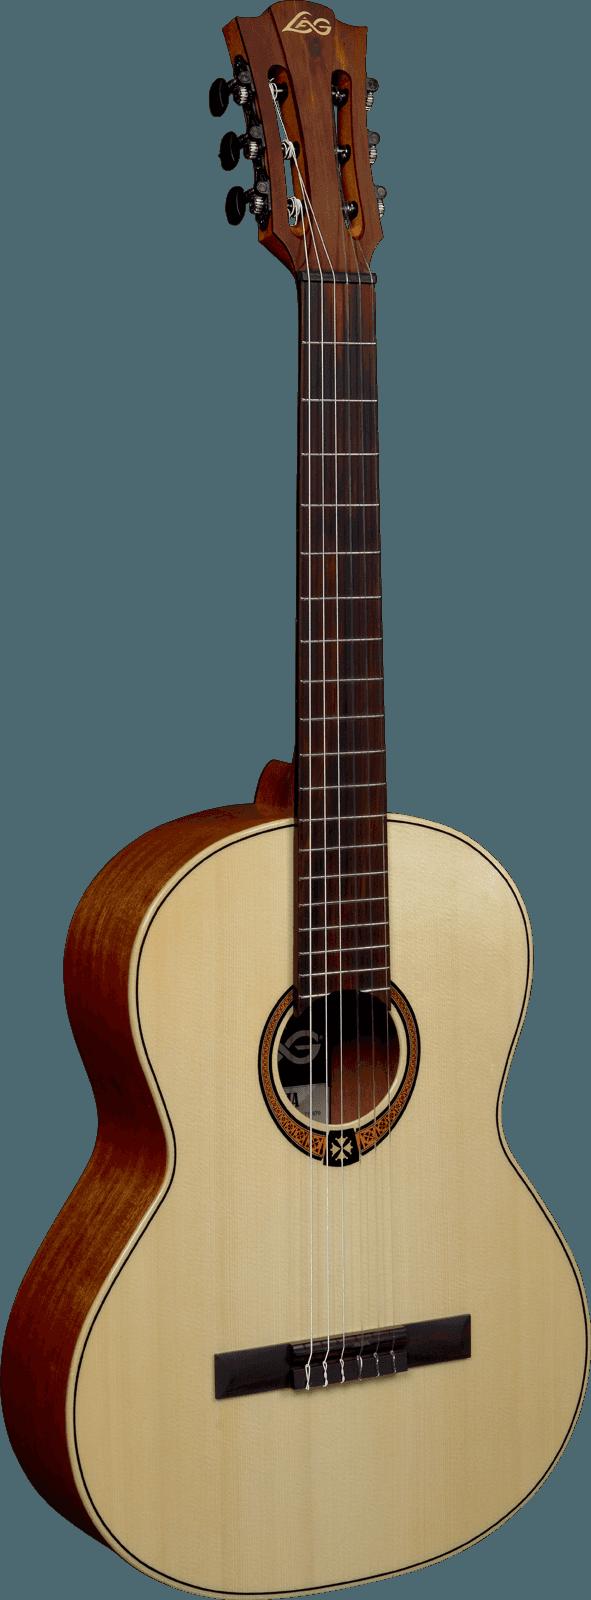 Guitare classique OC88 - Voir en grand